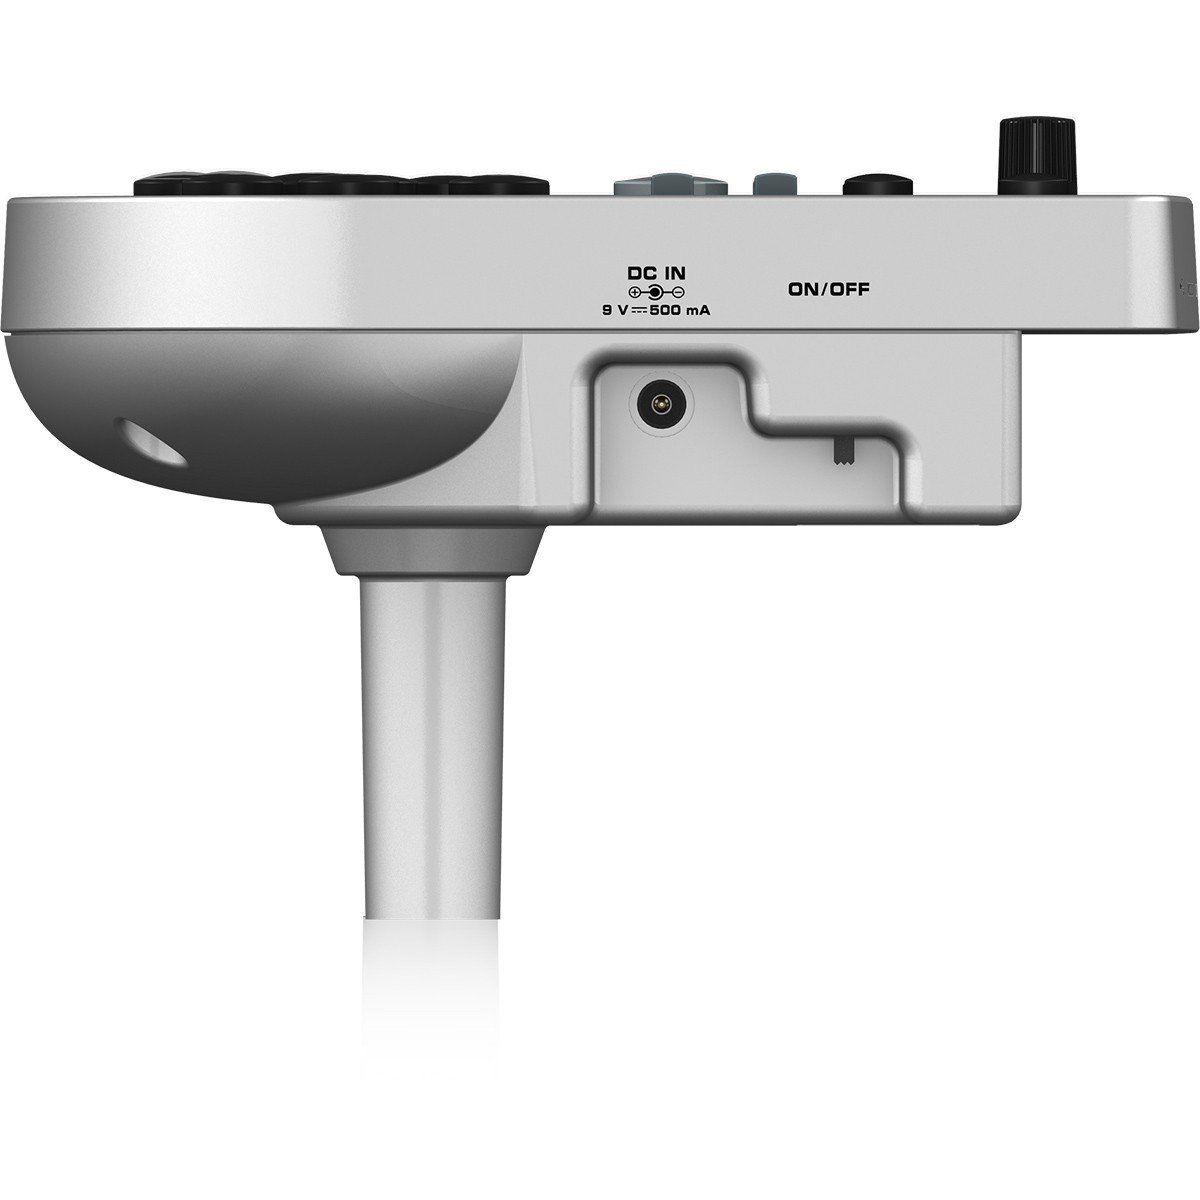 Behringer XD80 Bateria Eletrônica Usb para Bateristas Iniciantes e Performances